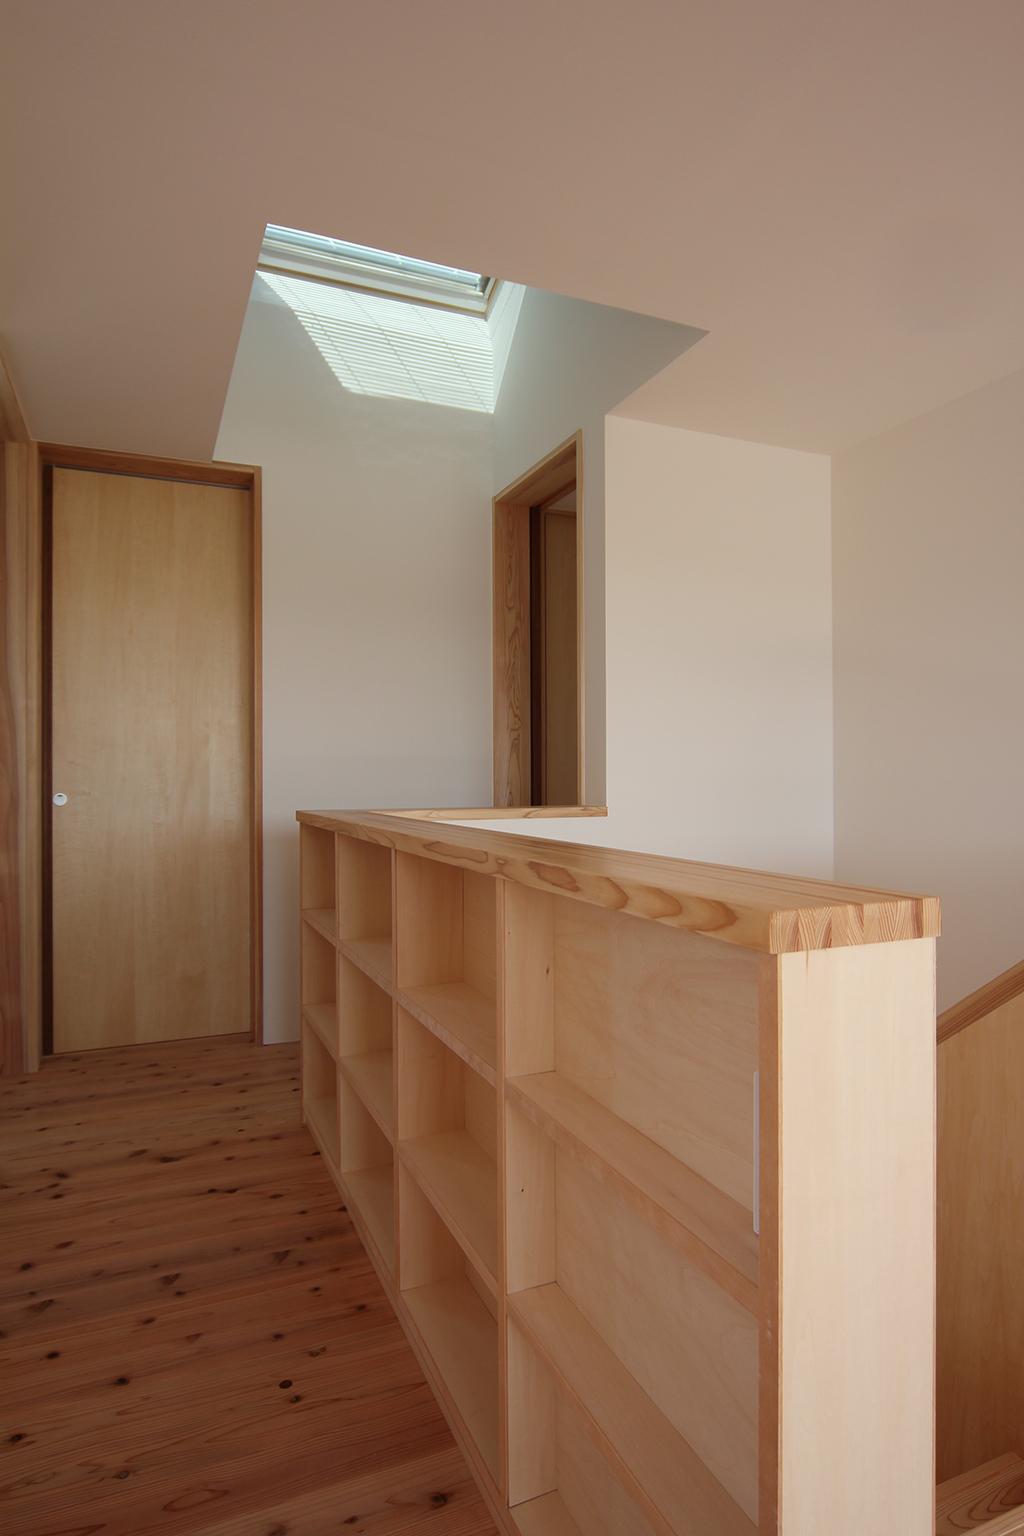 姫路市の木の家 天窓から光の差し込む階段室